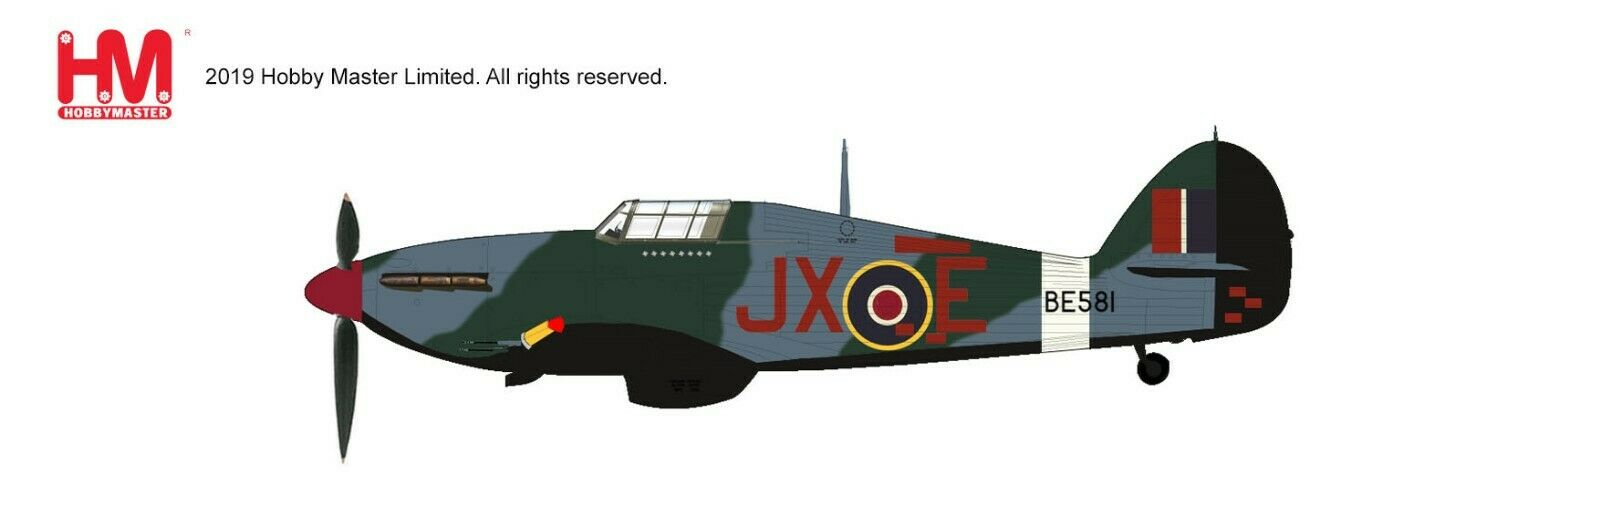 Hobby Master HA8699, Hawker Hurricane Iic  Night Reaper  JX-E BE581, No.1 Sqn., 1